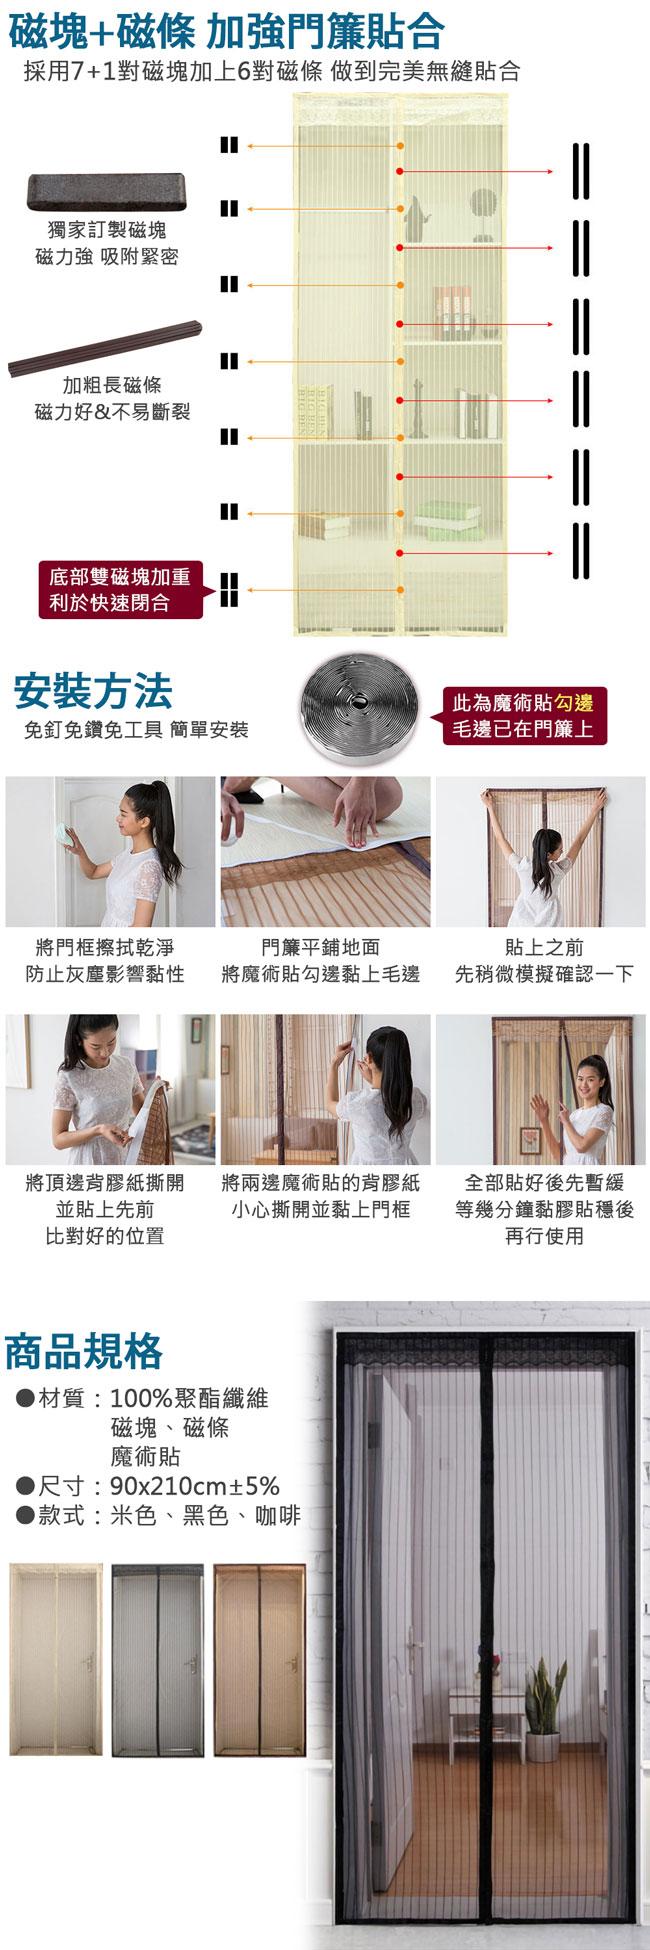 EZlife 魔術貼超靜音磁性防蚊門簾(3款)